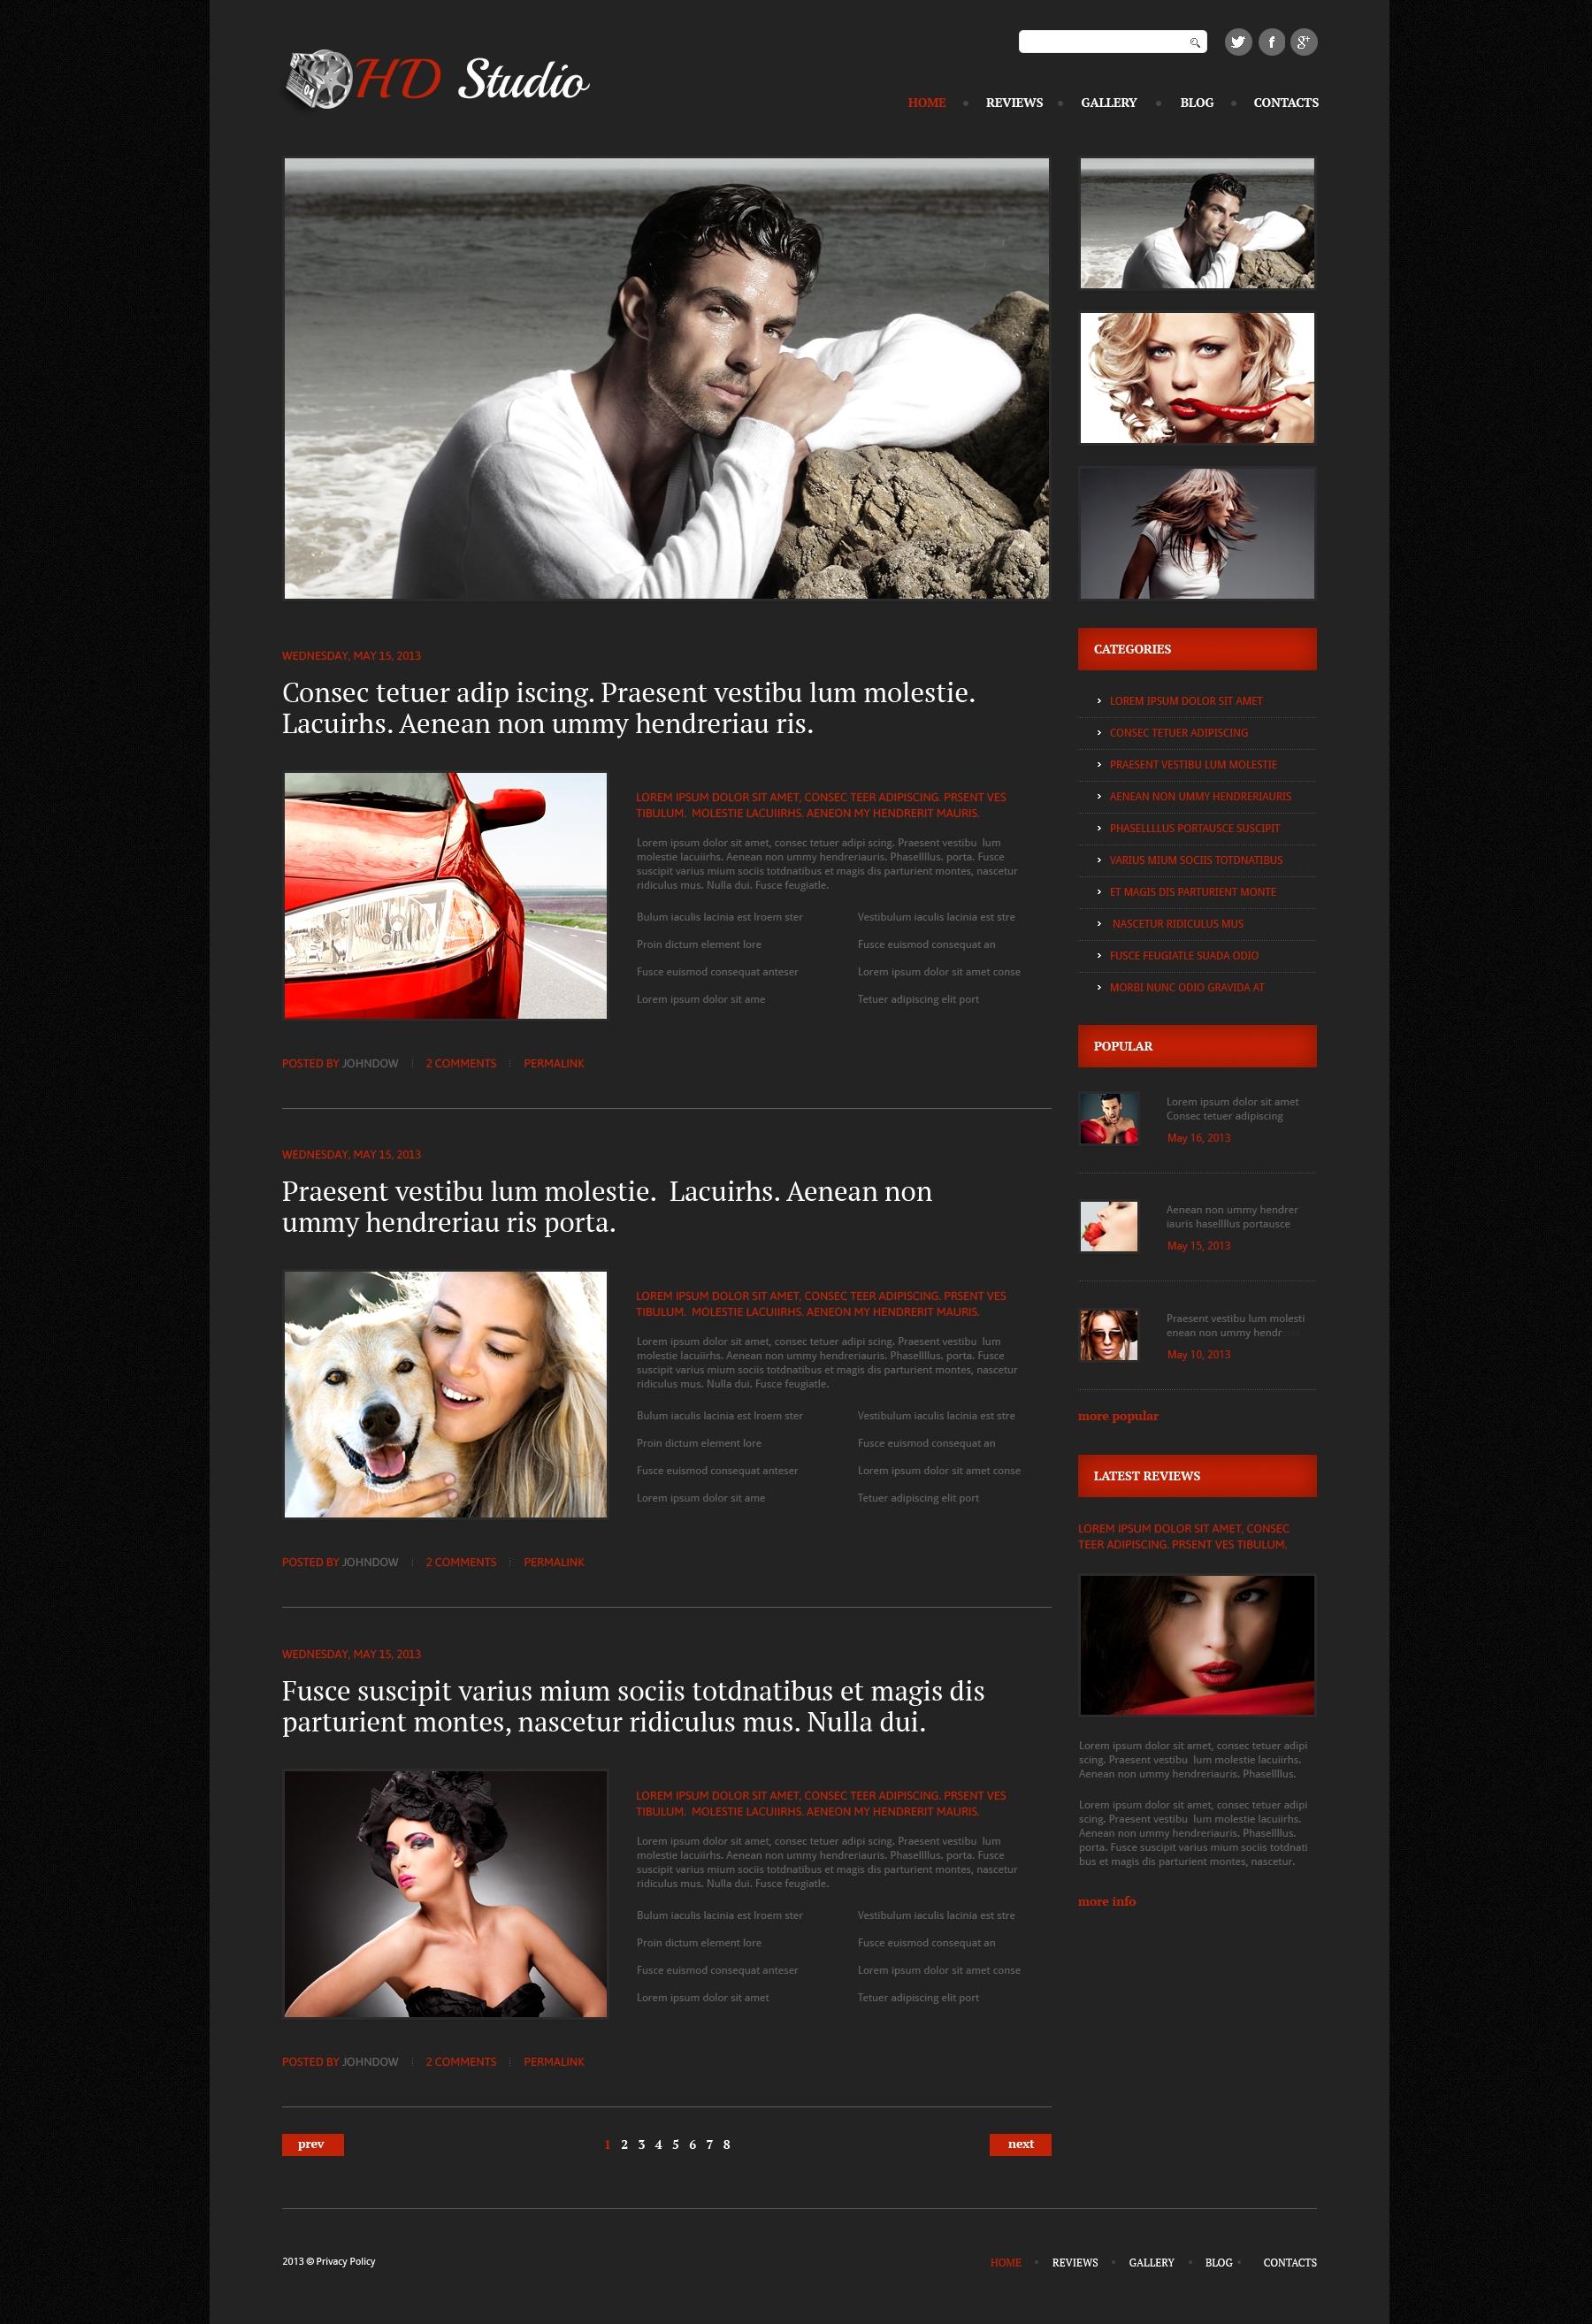 Tema De WordPress Responsive para Sitio de Laboratorios de vídeo #51082